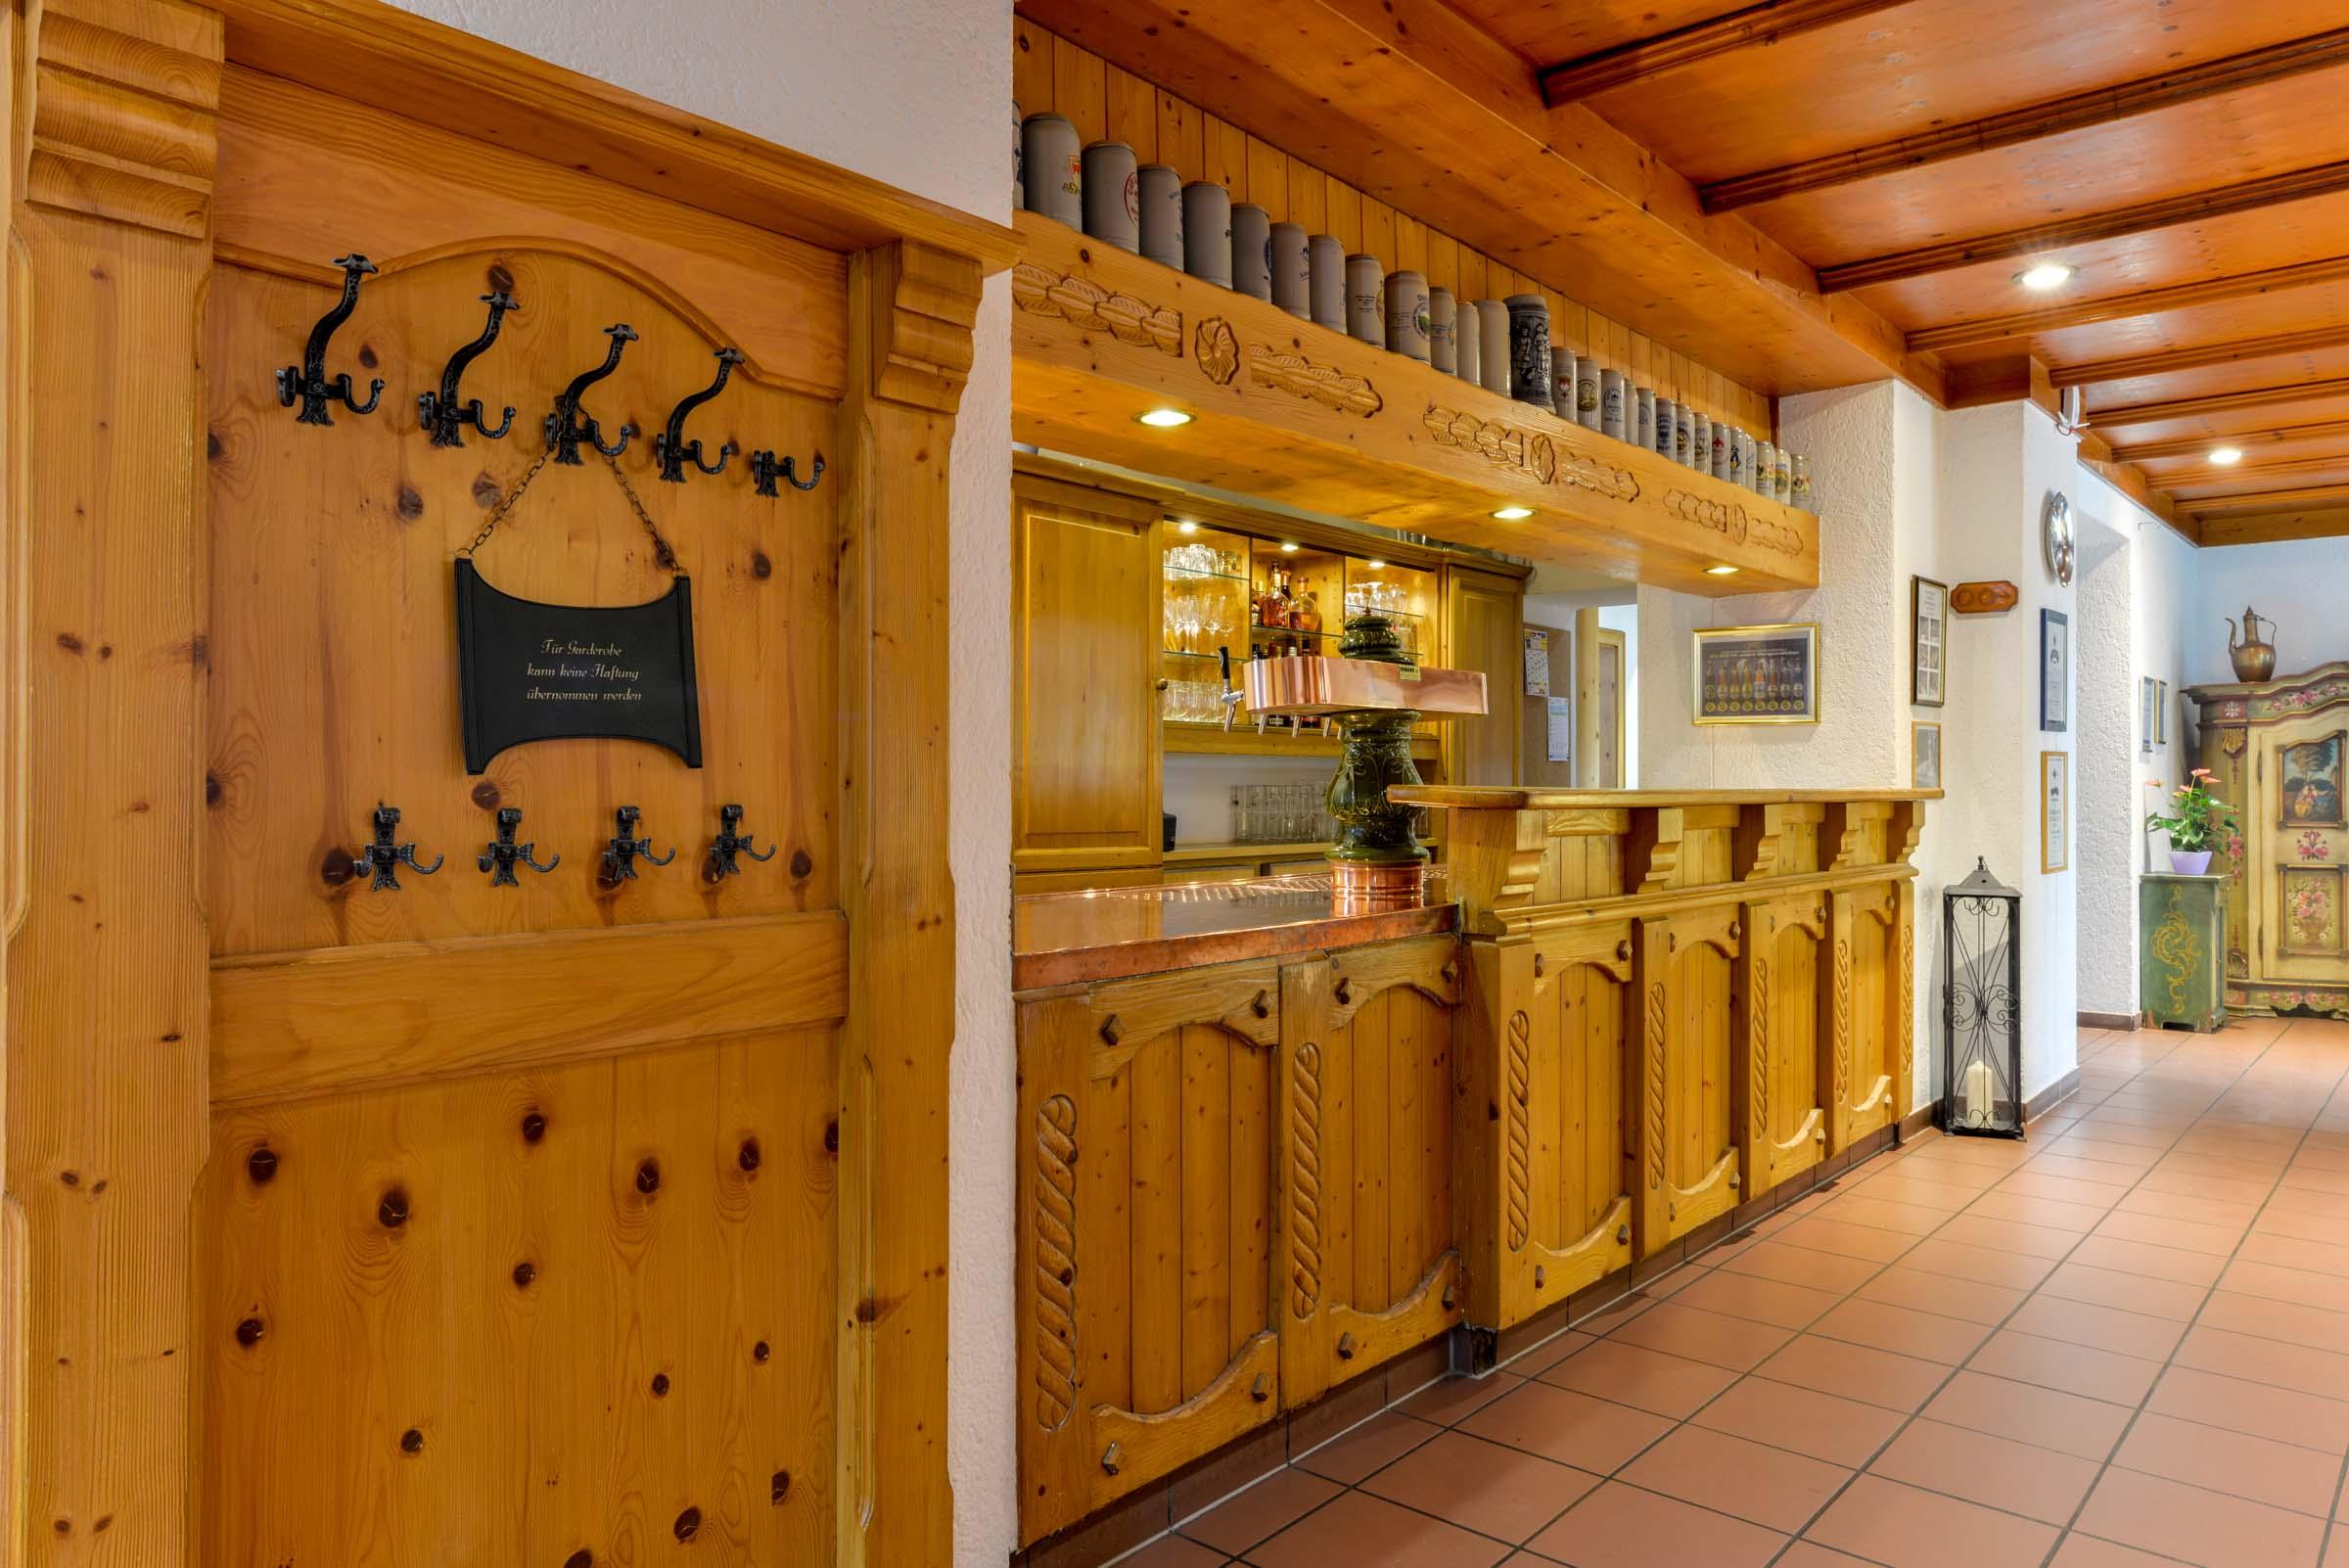 Restaurant Nagerl - tavern